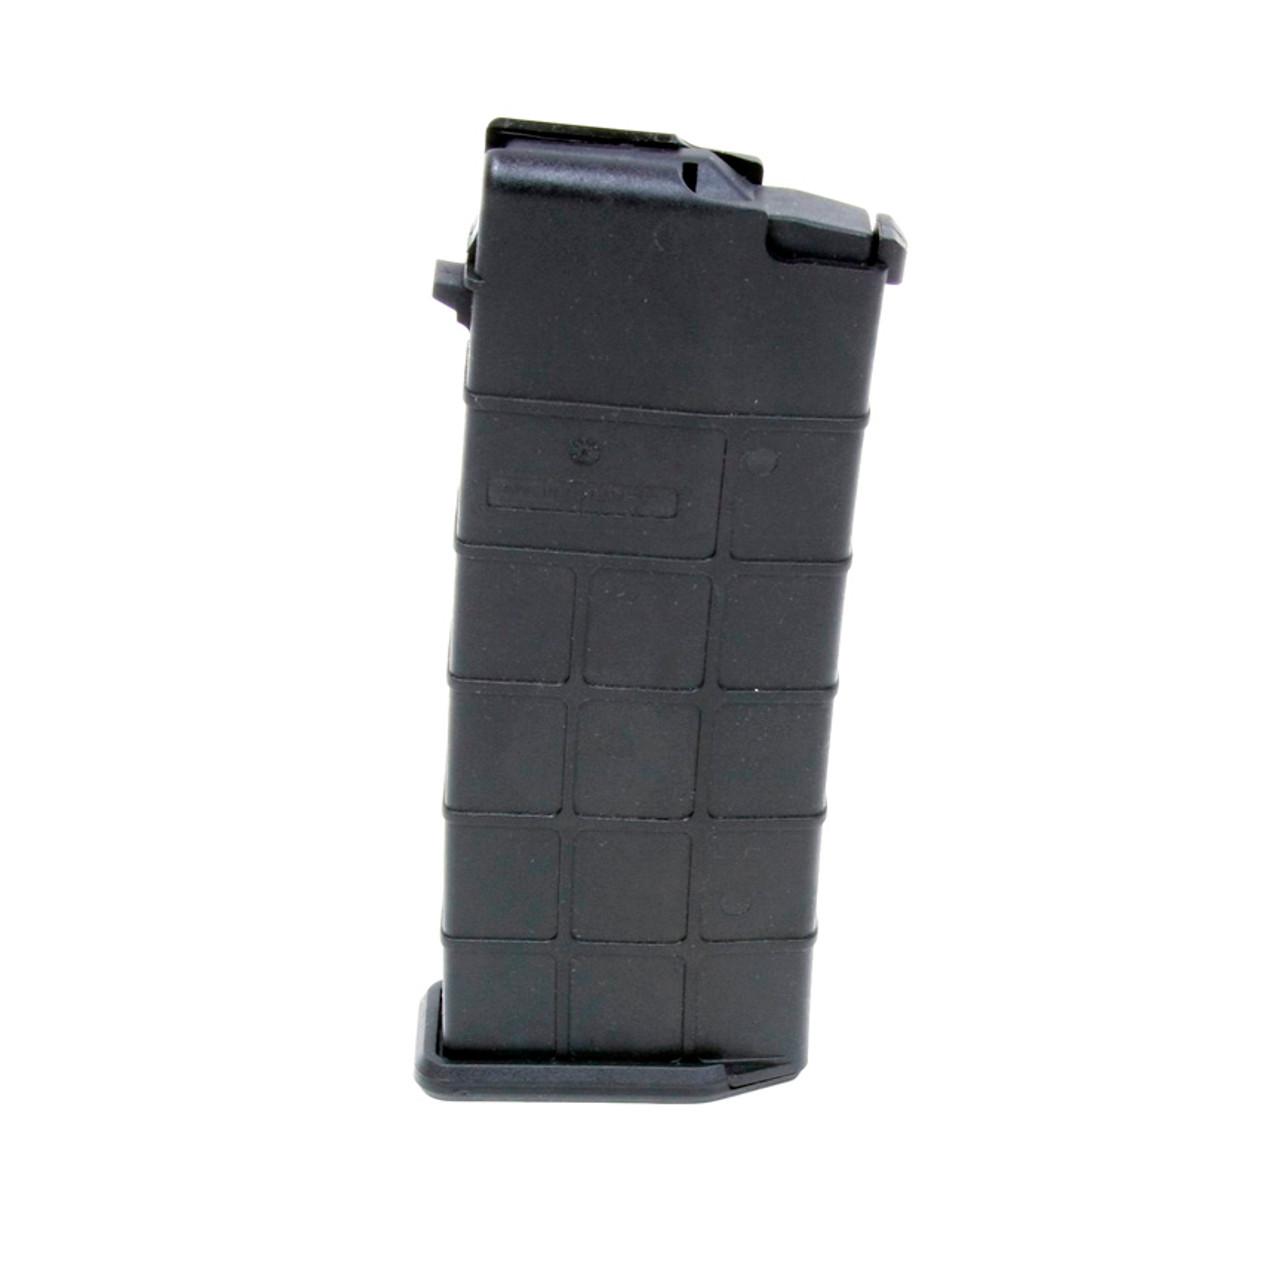 Saiga® .308 (24) Rd - Black Polymer